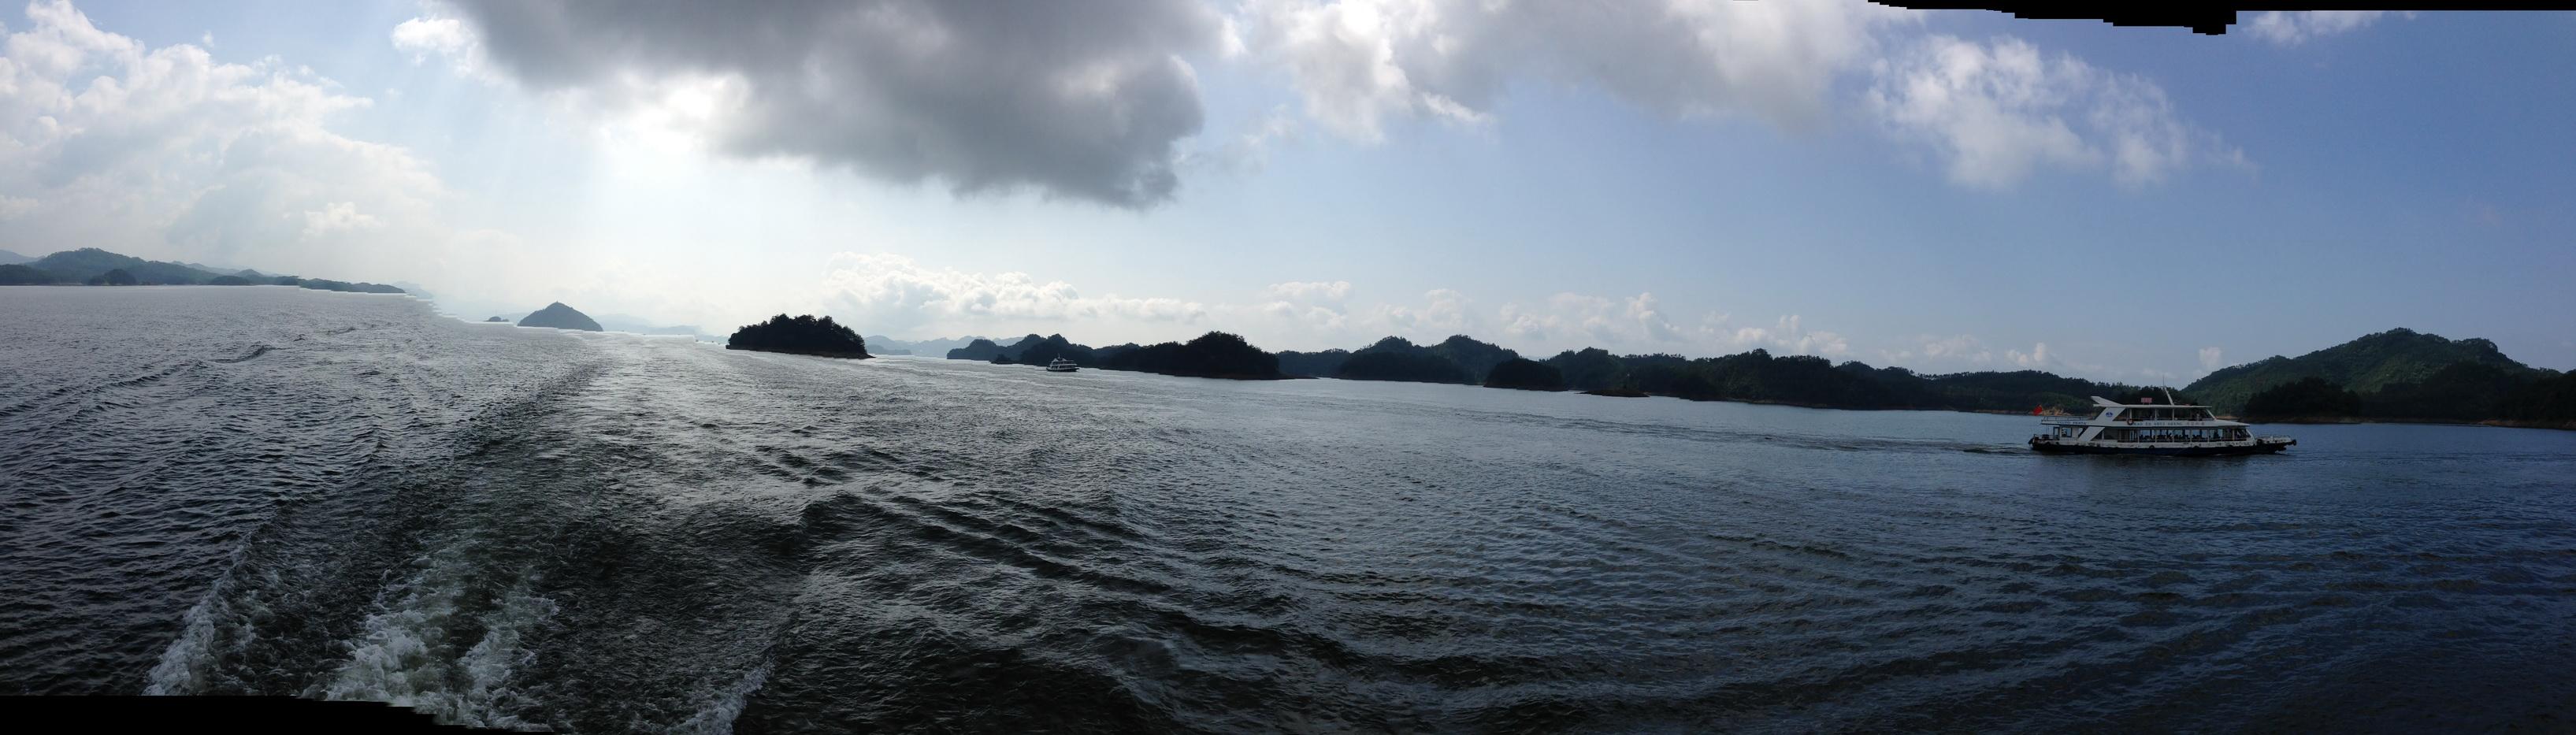 2014儿童节畅游千岛湖